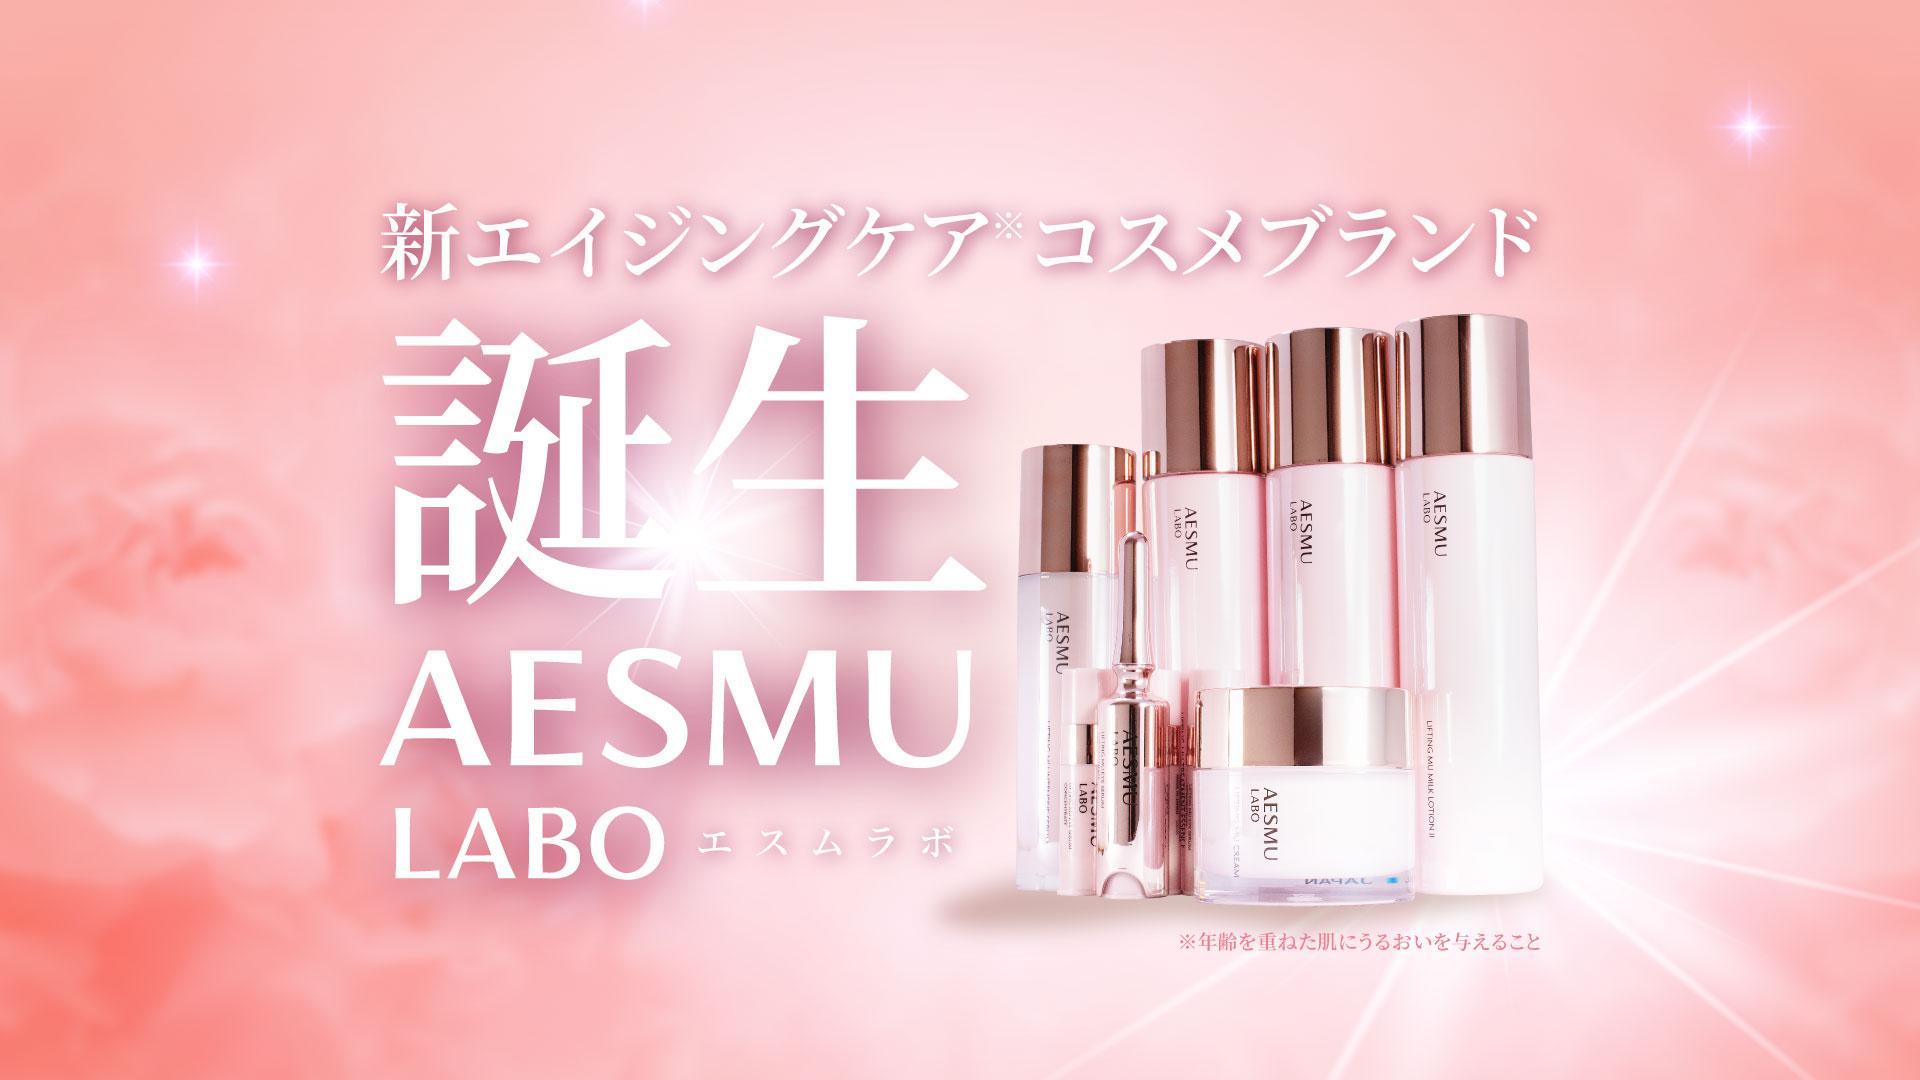 【新コスメブランド】プロレベルのホームスキンケアブランド「AESMU LABO(エスムラボ)」誕生。